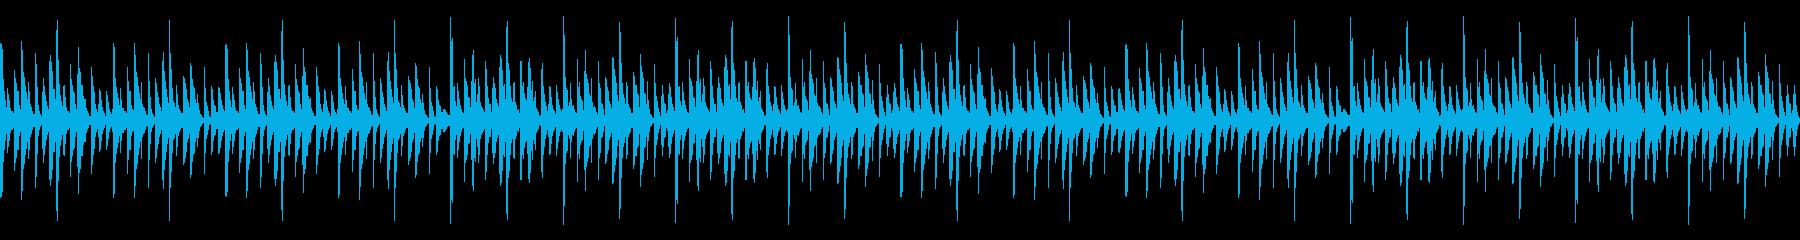 【ループ仕様】謎解きゲームの推理中の音の再生済みの波形